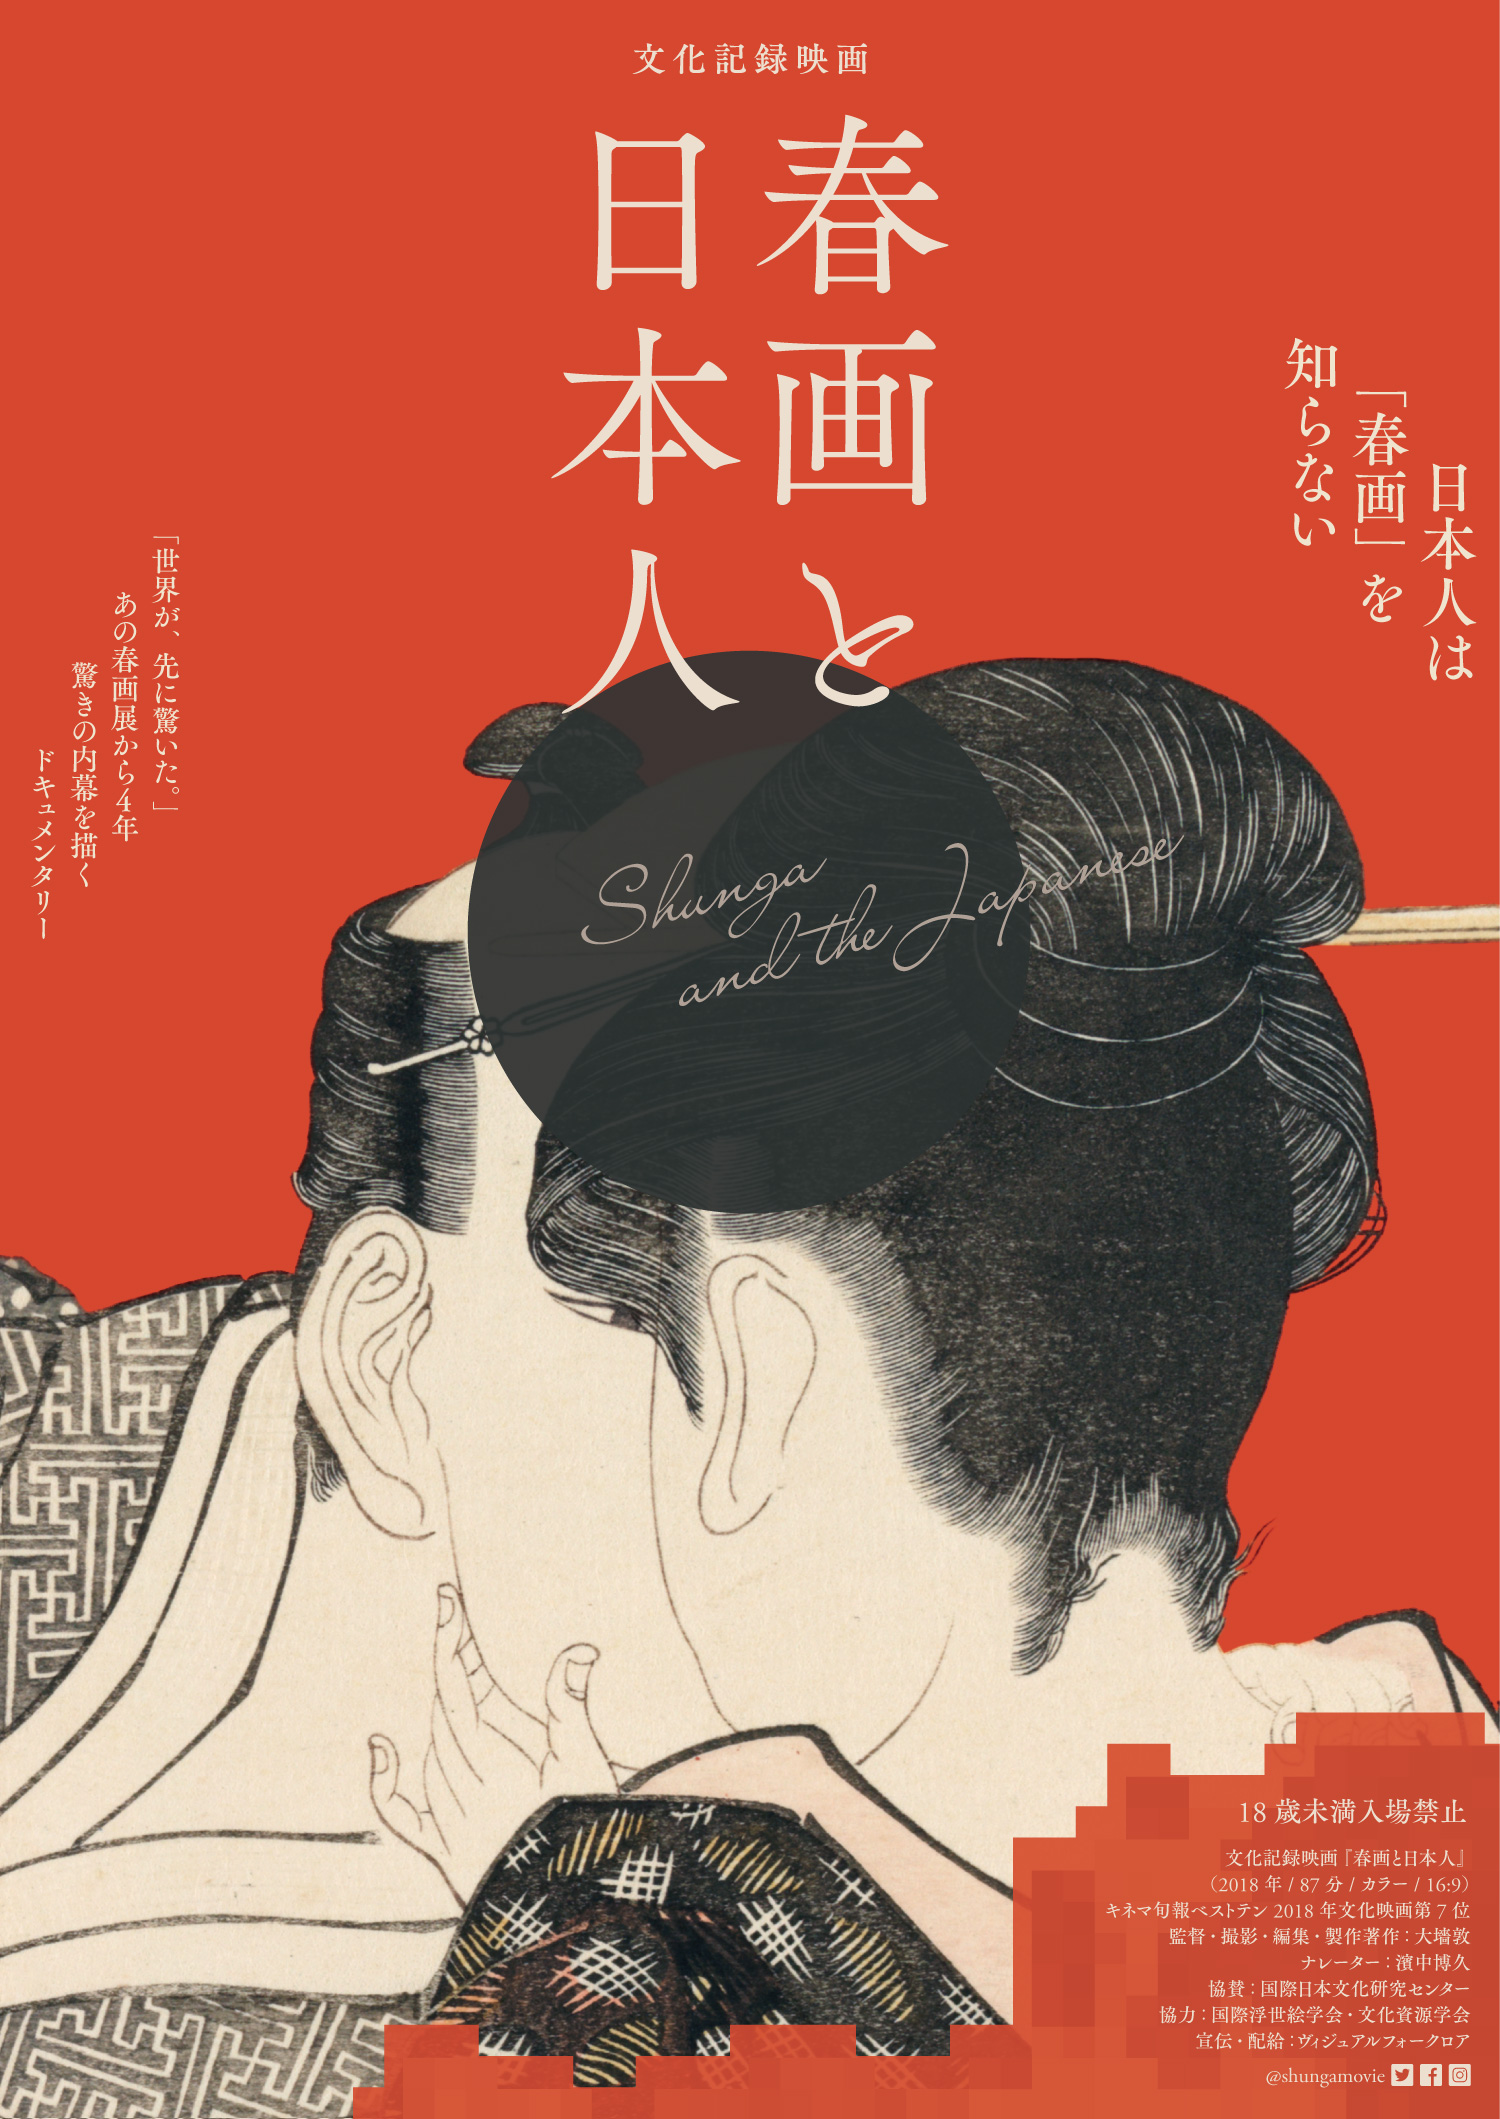 世界が先に、驚いた。『春画と日本人』